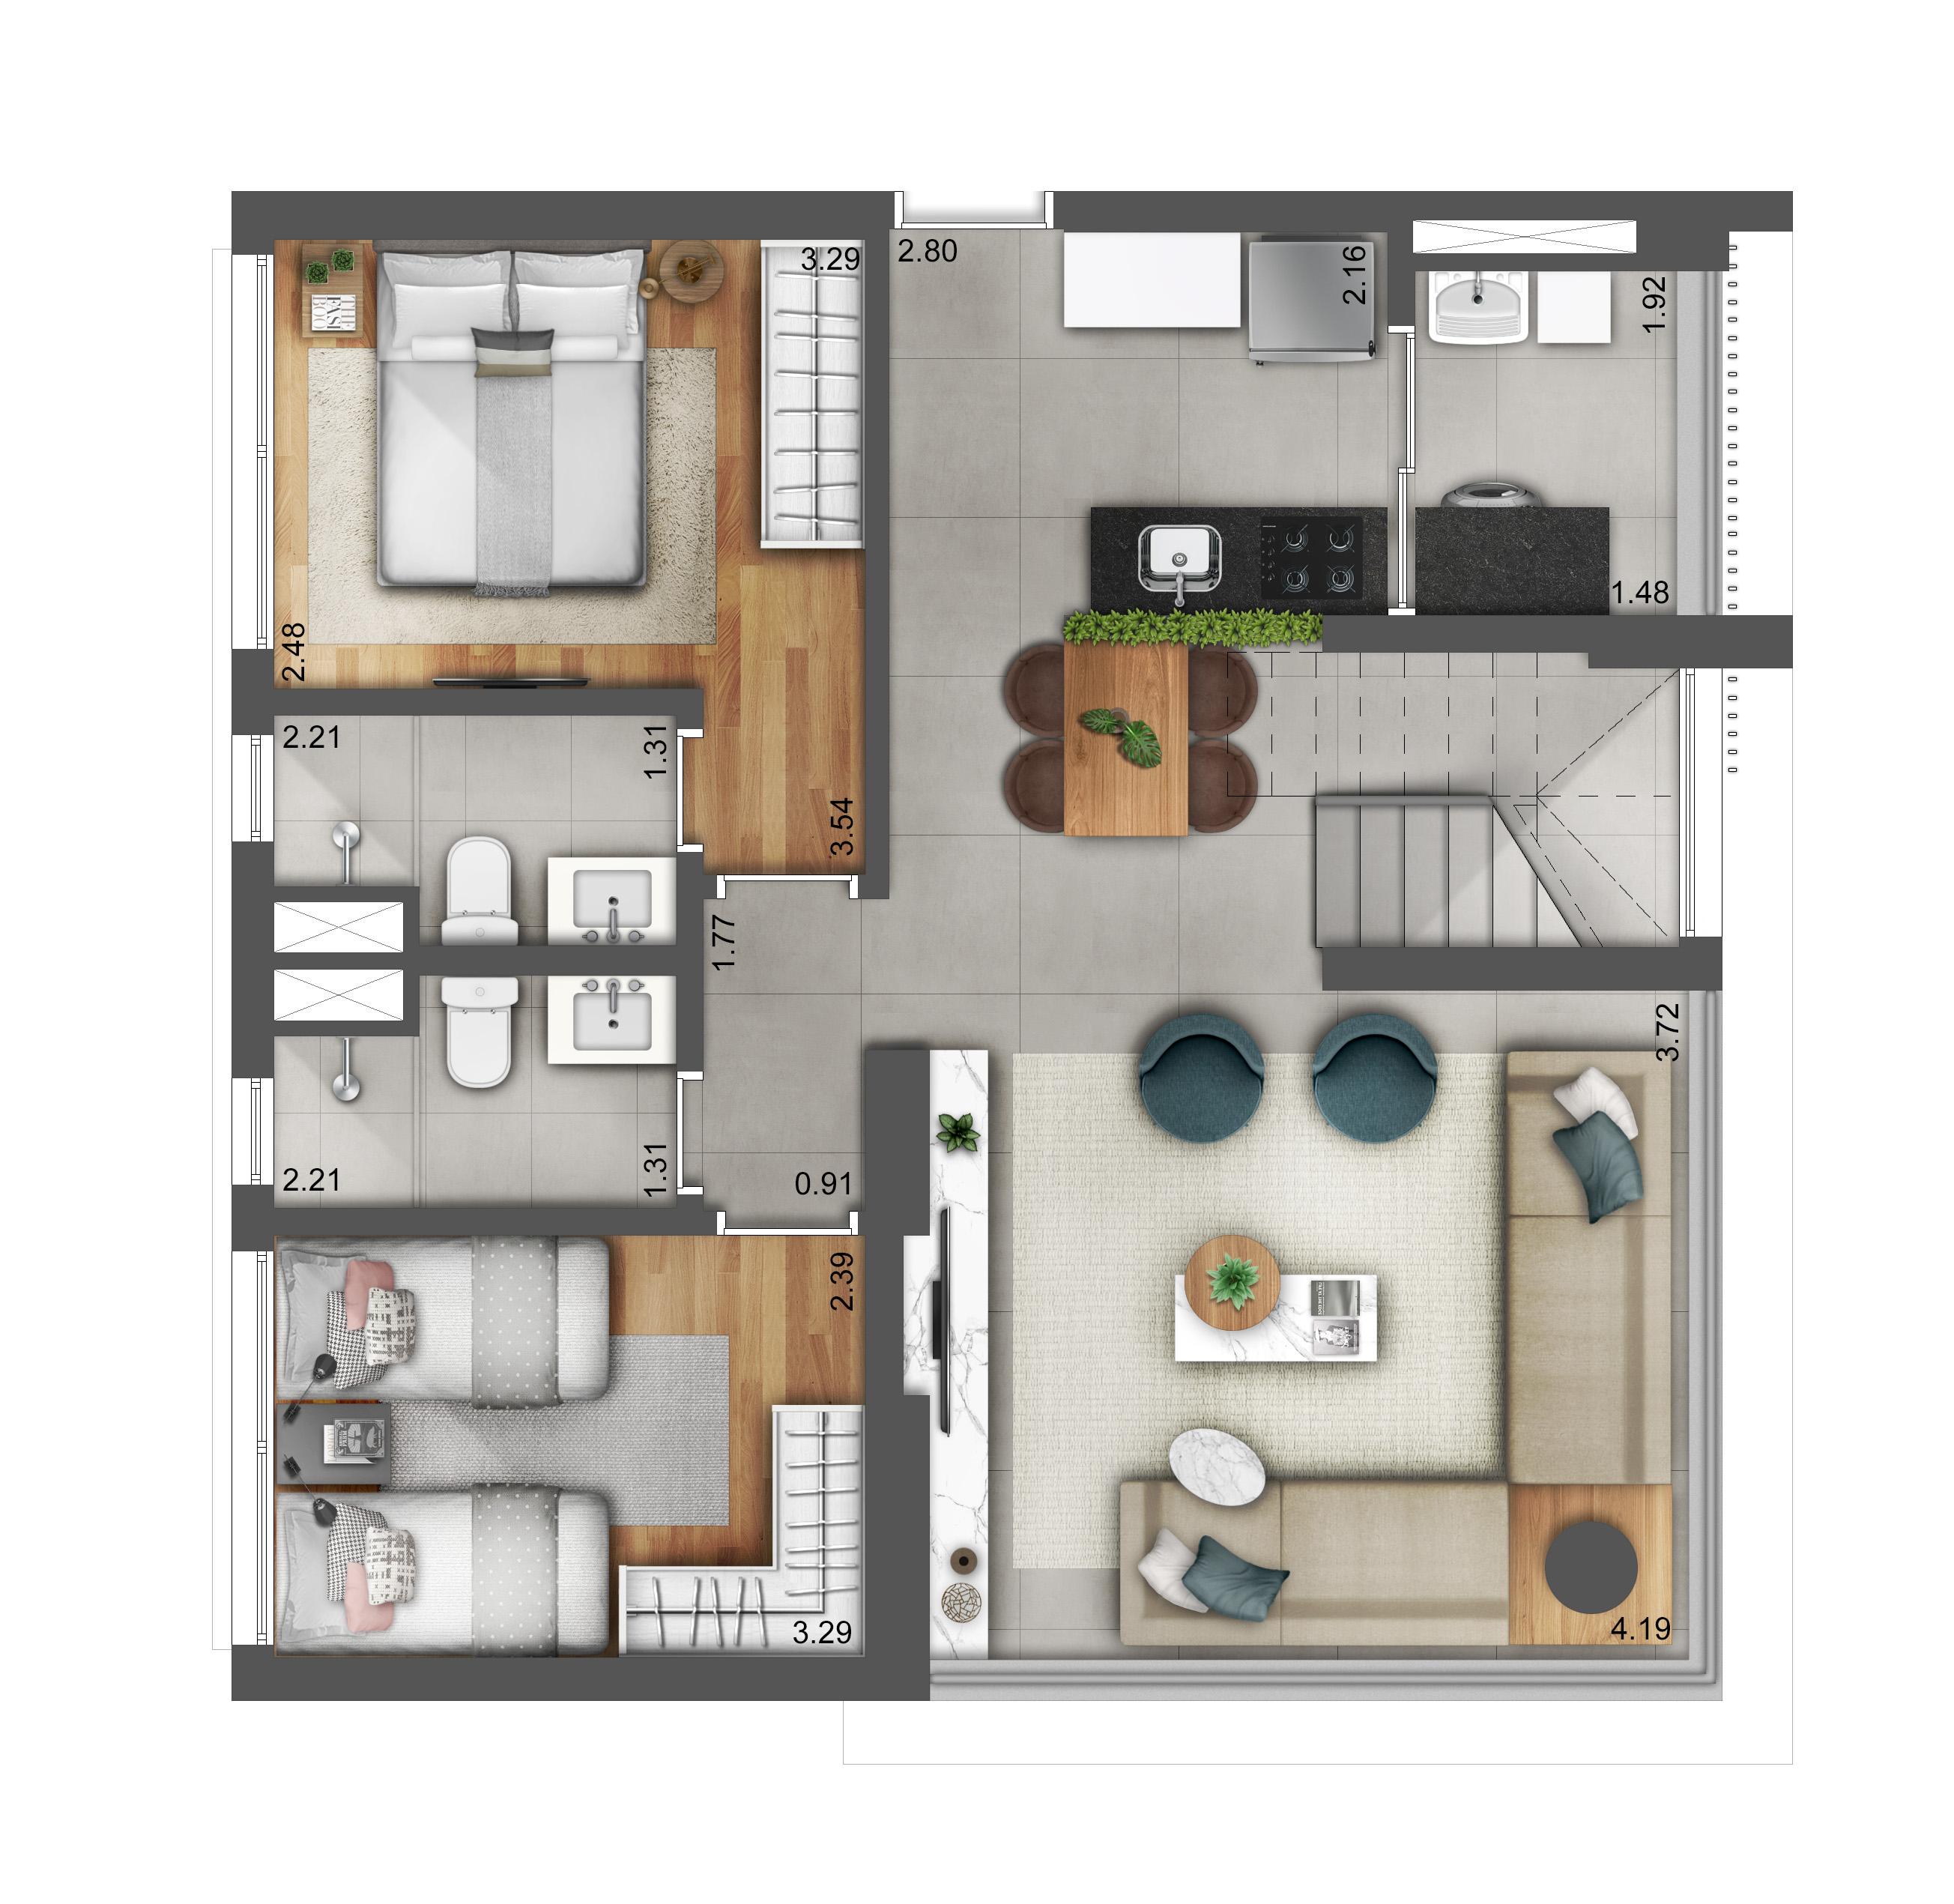 Duplex 125m² - Pavimento Inferior (Living Ampliado) Hera Perdizes